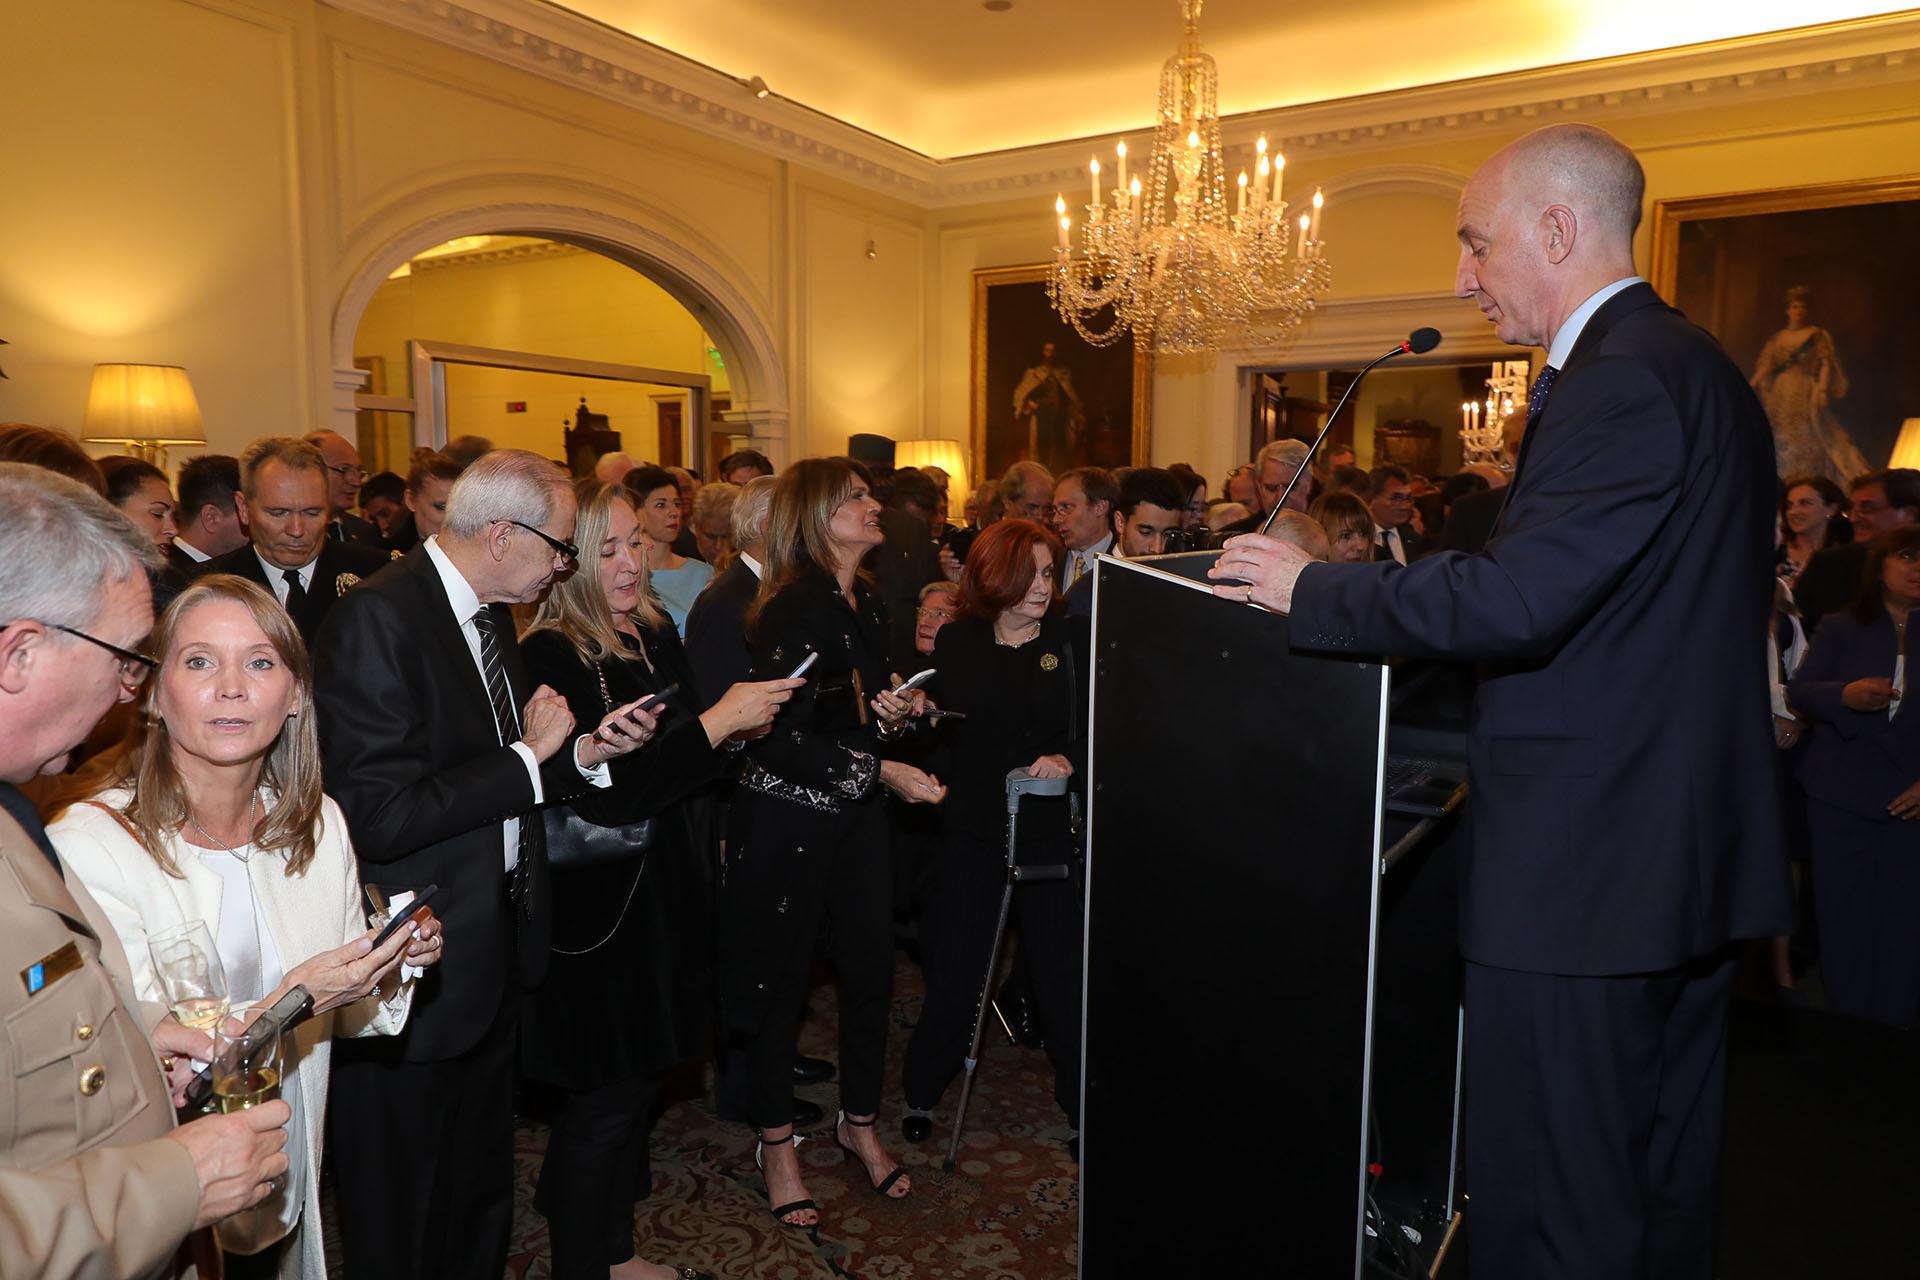 Mediante una plataforma virtual, los asistentes tuvieron que contestar en sus celulares preguntas sobre visitas de primeros ministros británicos a la Argentina, exportaciones argentinas al Reino Unido, la campaña para reducir el uso de plásticos, o el evento con fans de Harry Potter